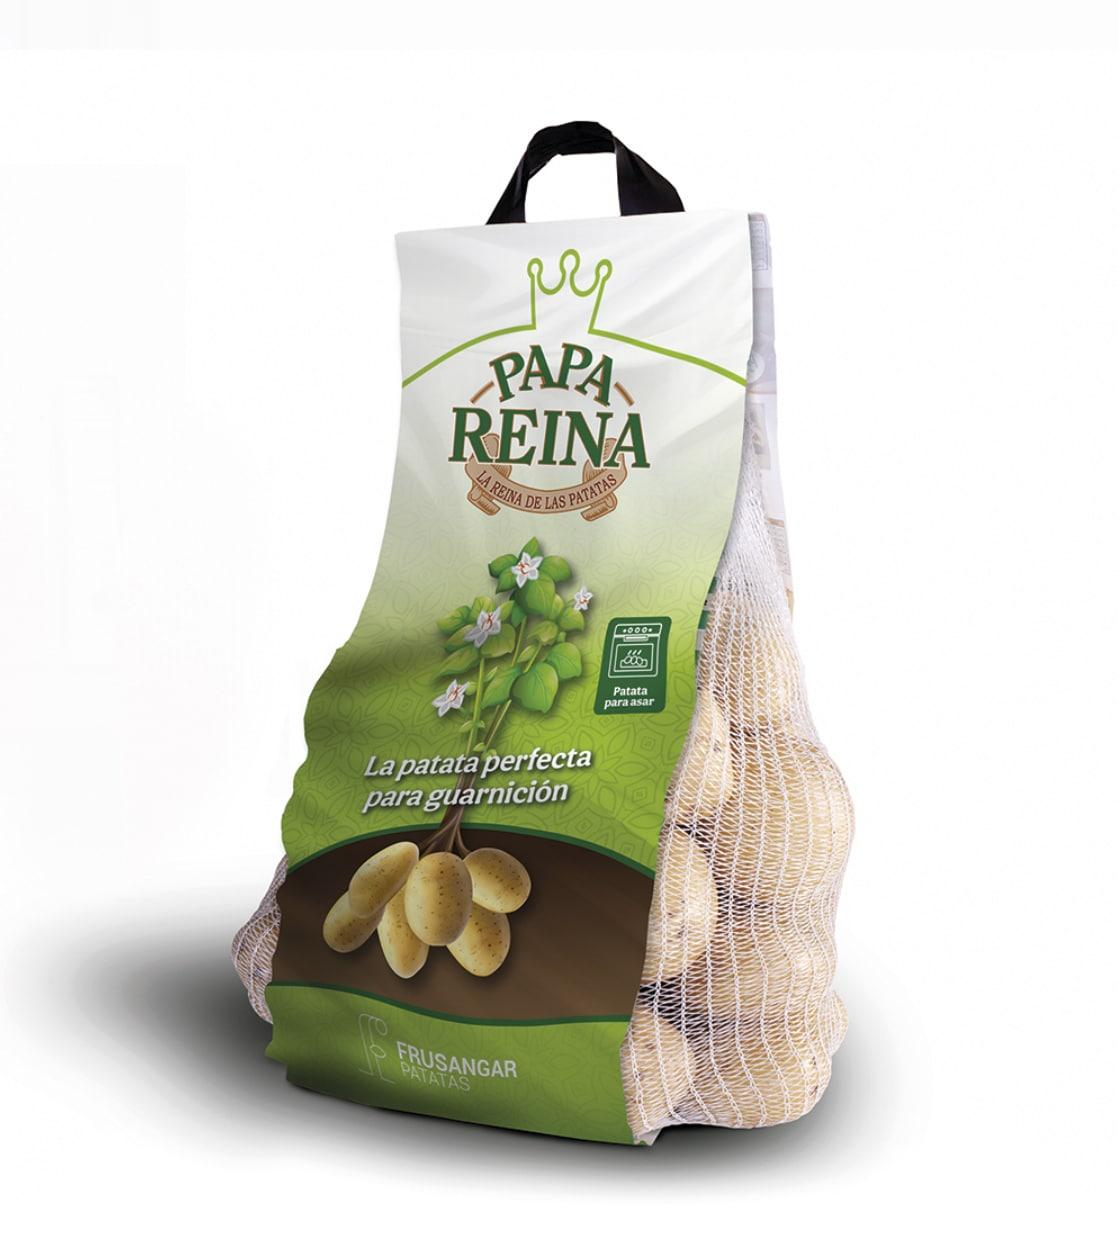 Patatas_Papa_reina_guarnicion